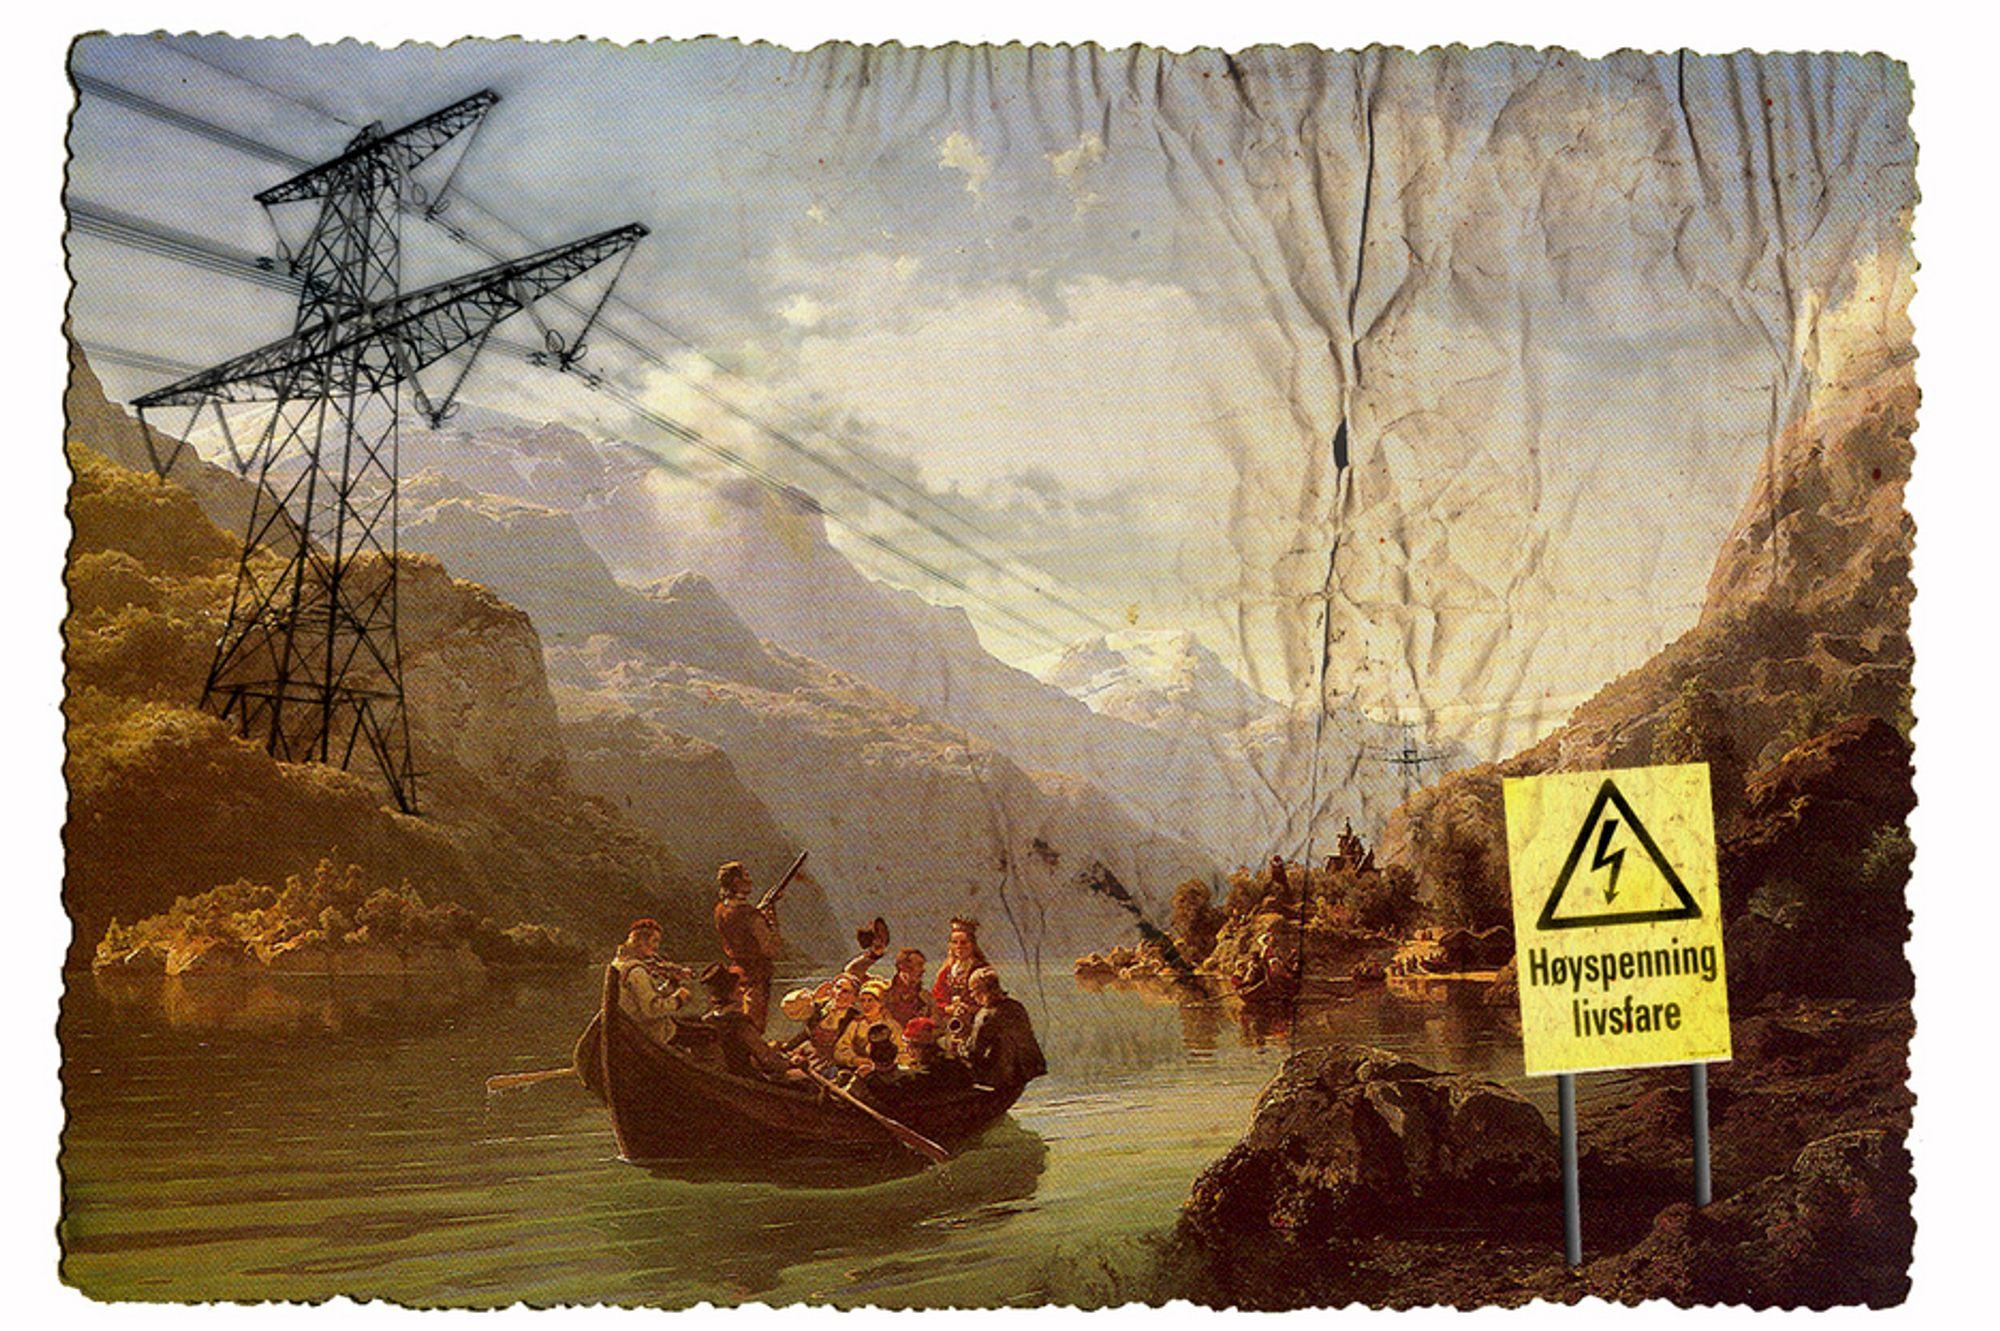 """KRAFTSTRIDEN: """"Brudeferden i Hardanger"""" har sin del av æren for det nasjonale opprøret mot kraftlinjer i Hardanger."""